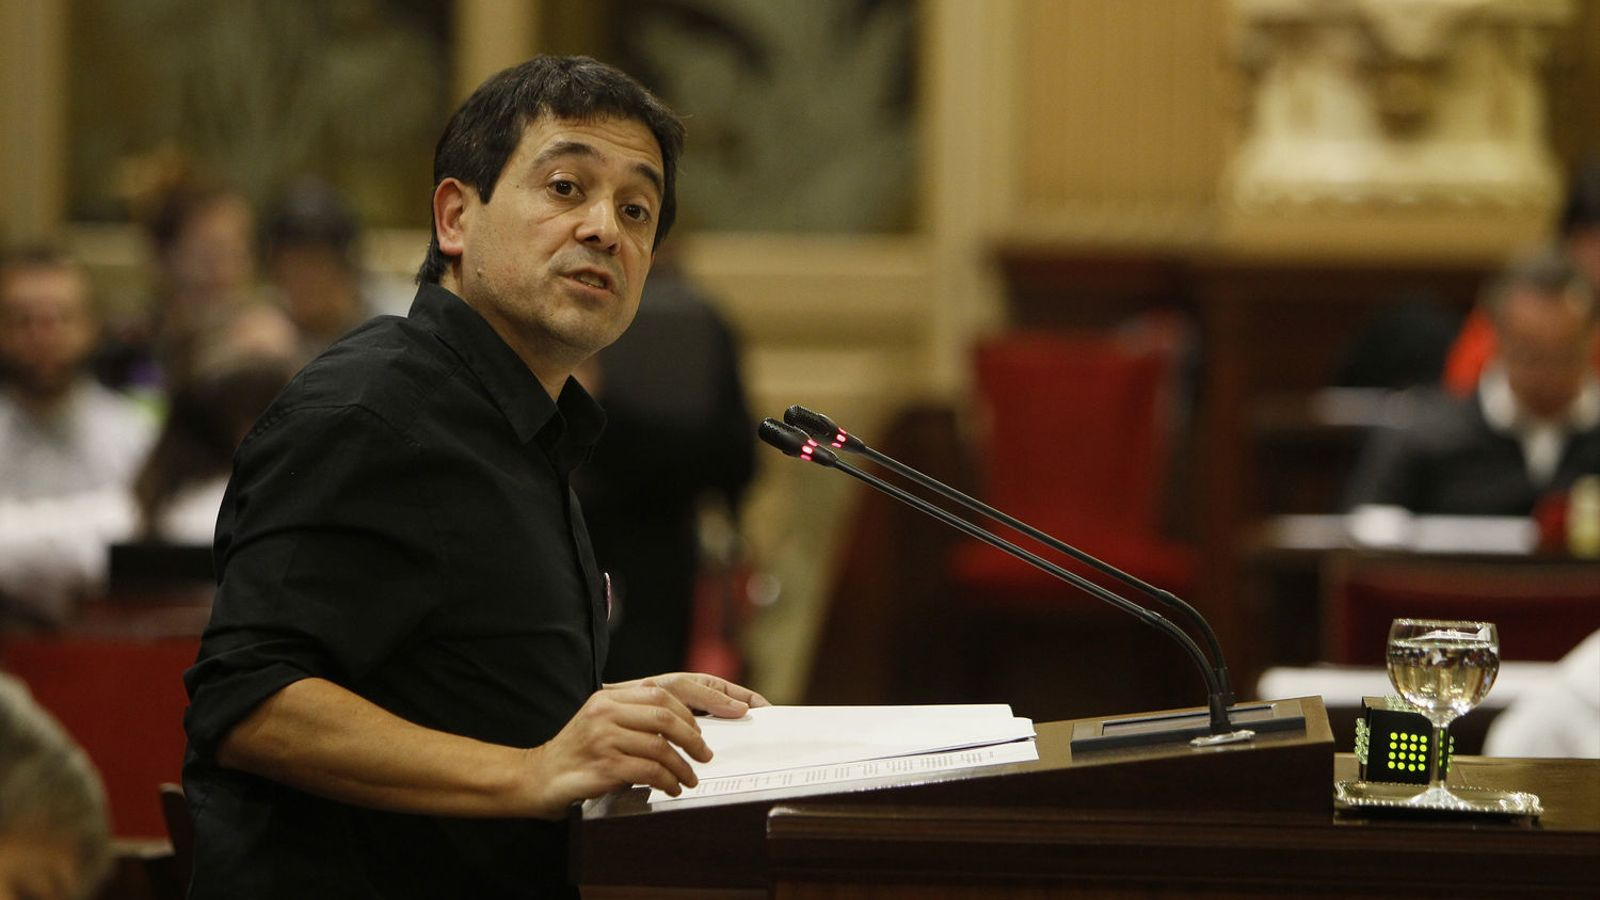 El coordinador general de Més per Menorca lamenta les conseqüències del viatge.